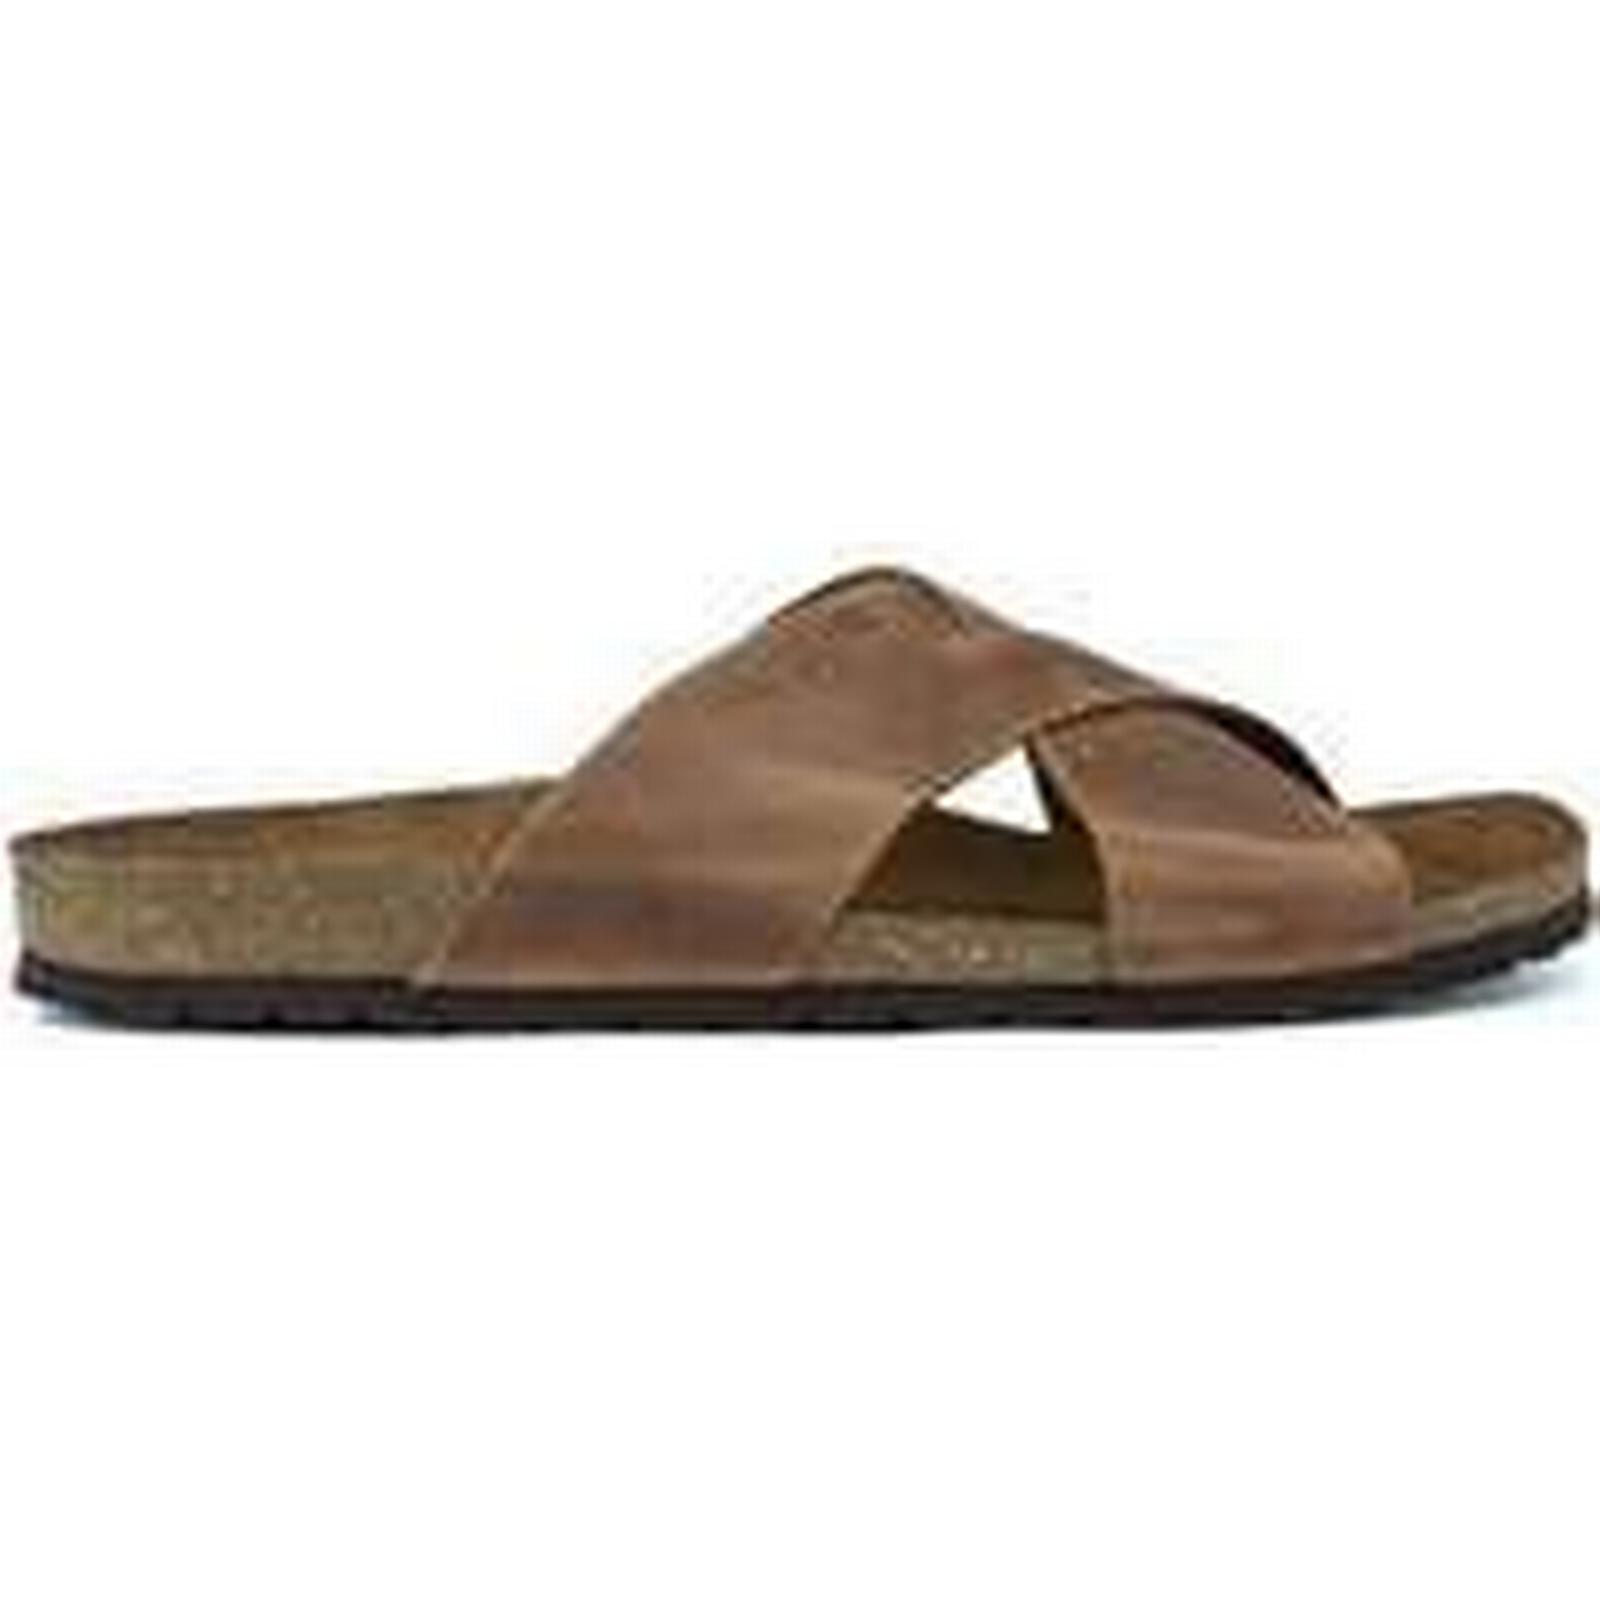 spartoo.co.uk interbios s aquiles    hommes & #  ; s les sandales en polychrome ccf360